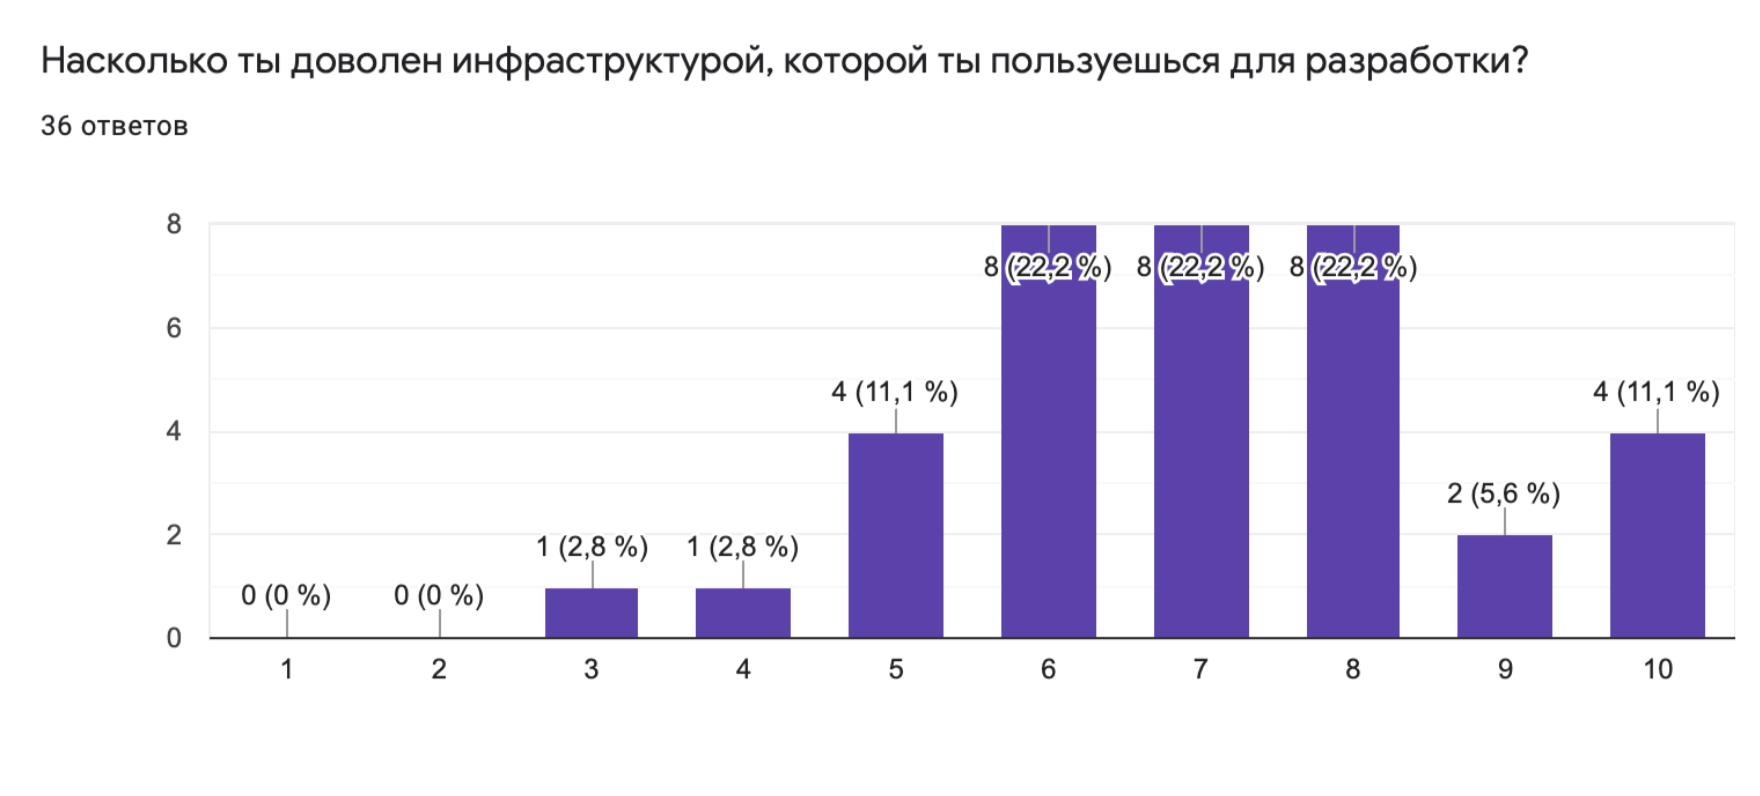 Результаты первого опроса в 2019 году.